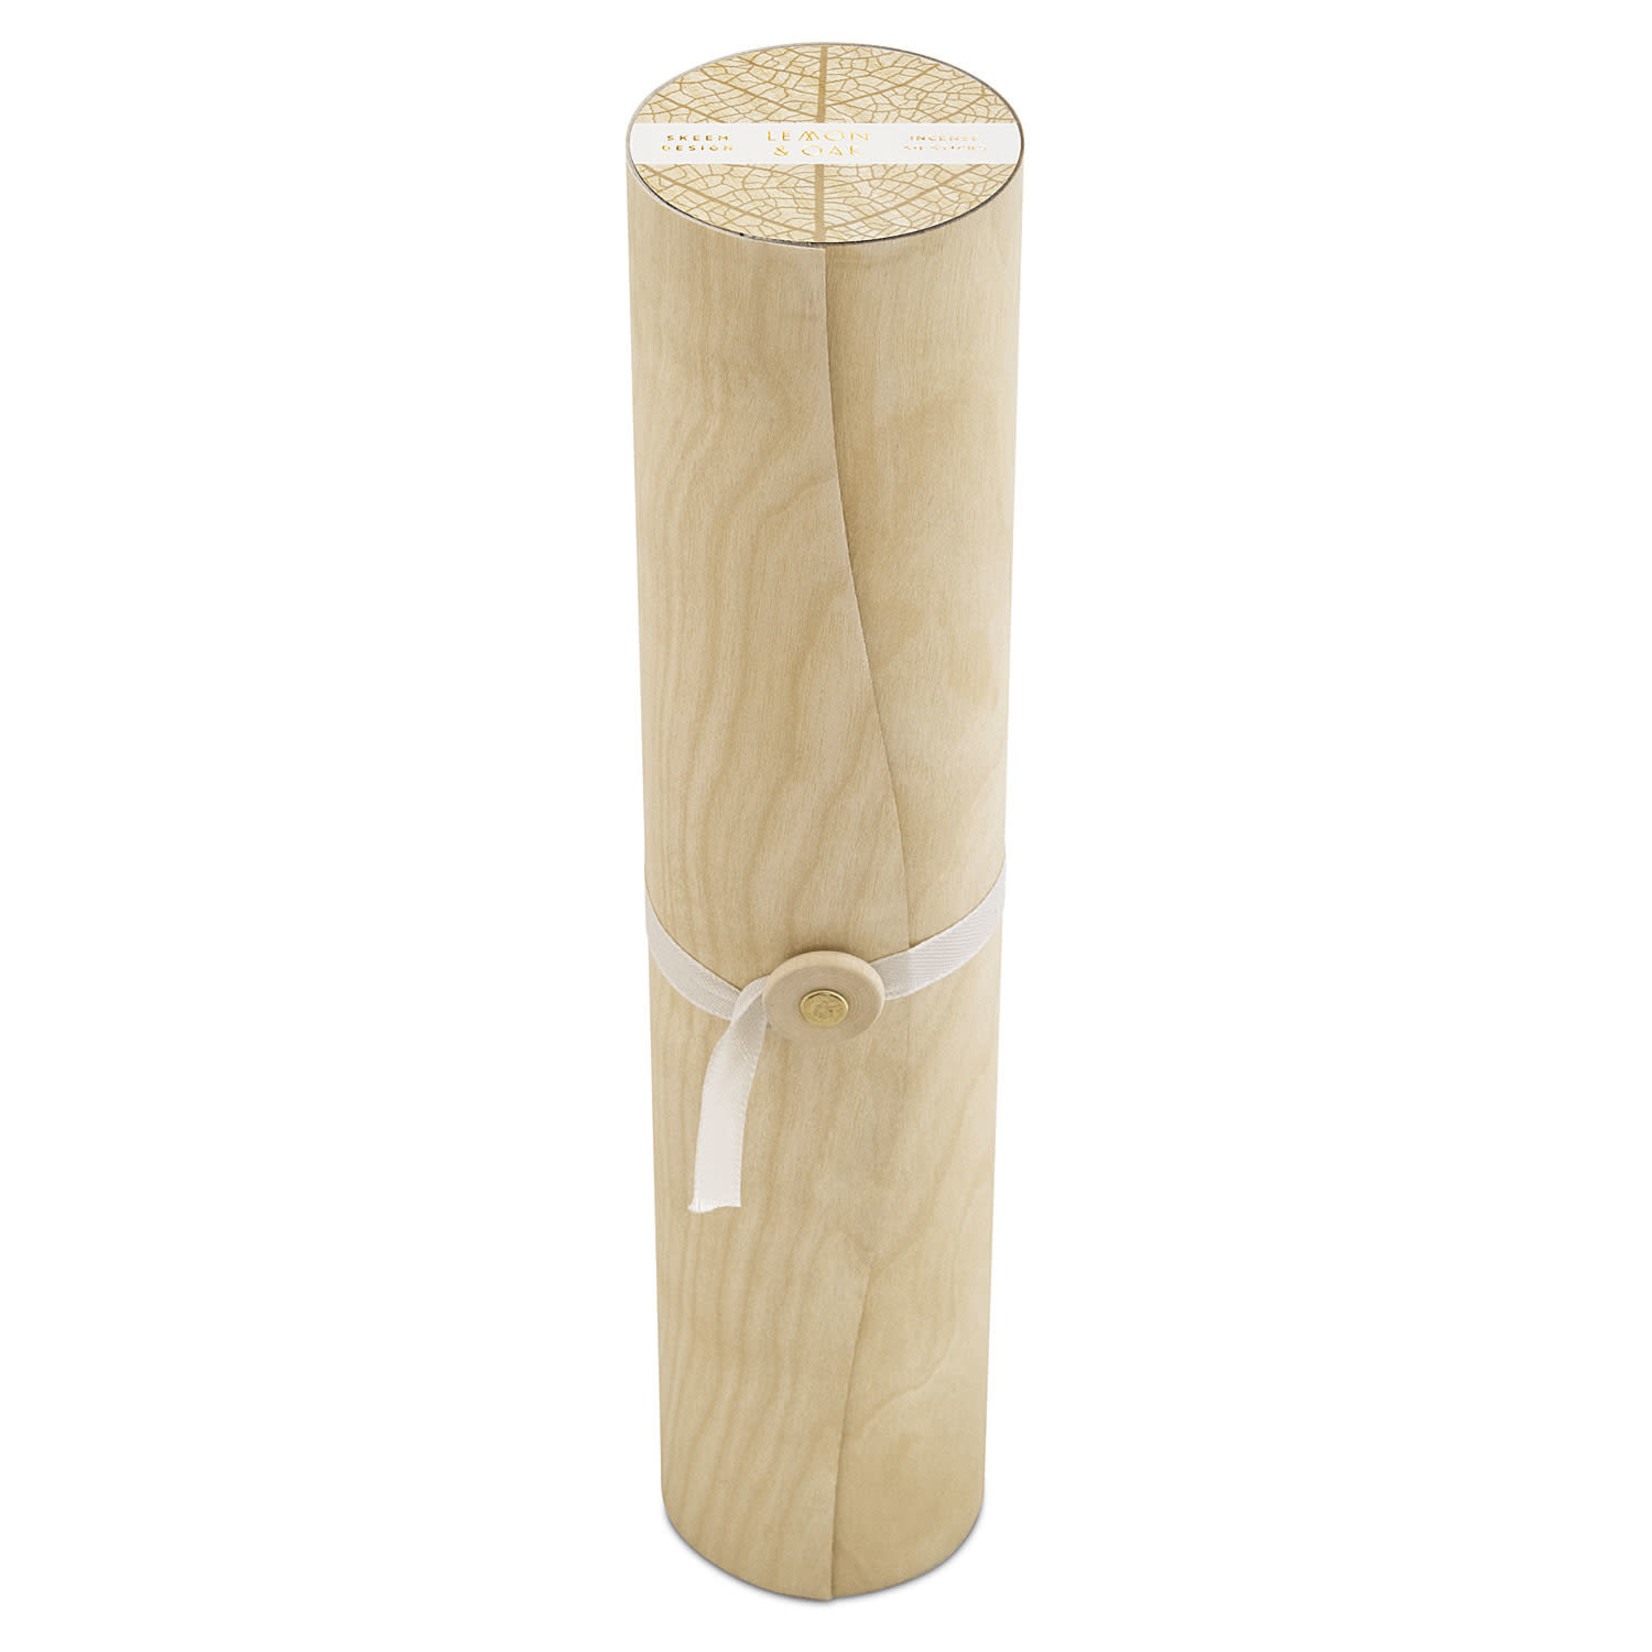 Skeem Design Print Block Incense